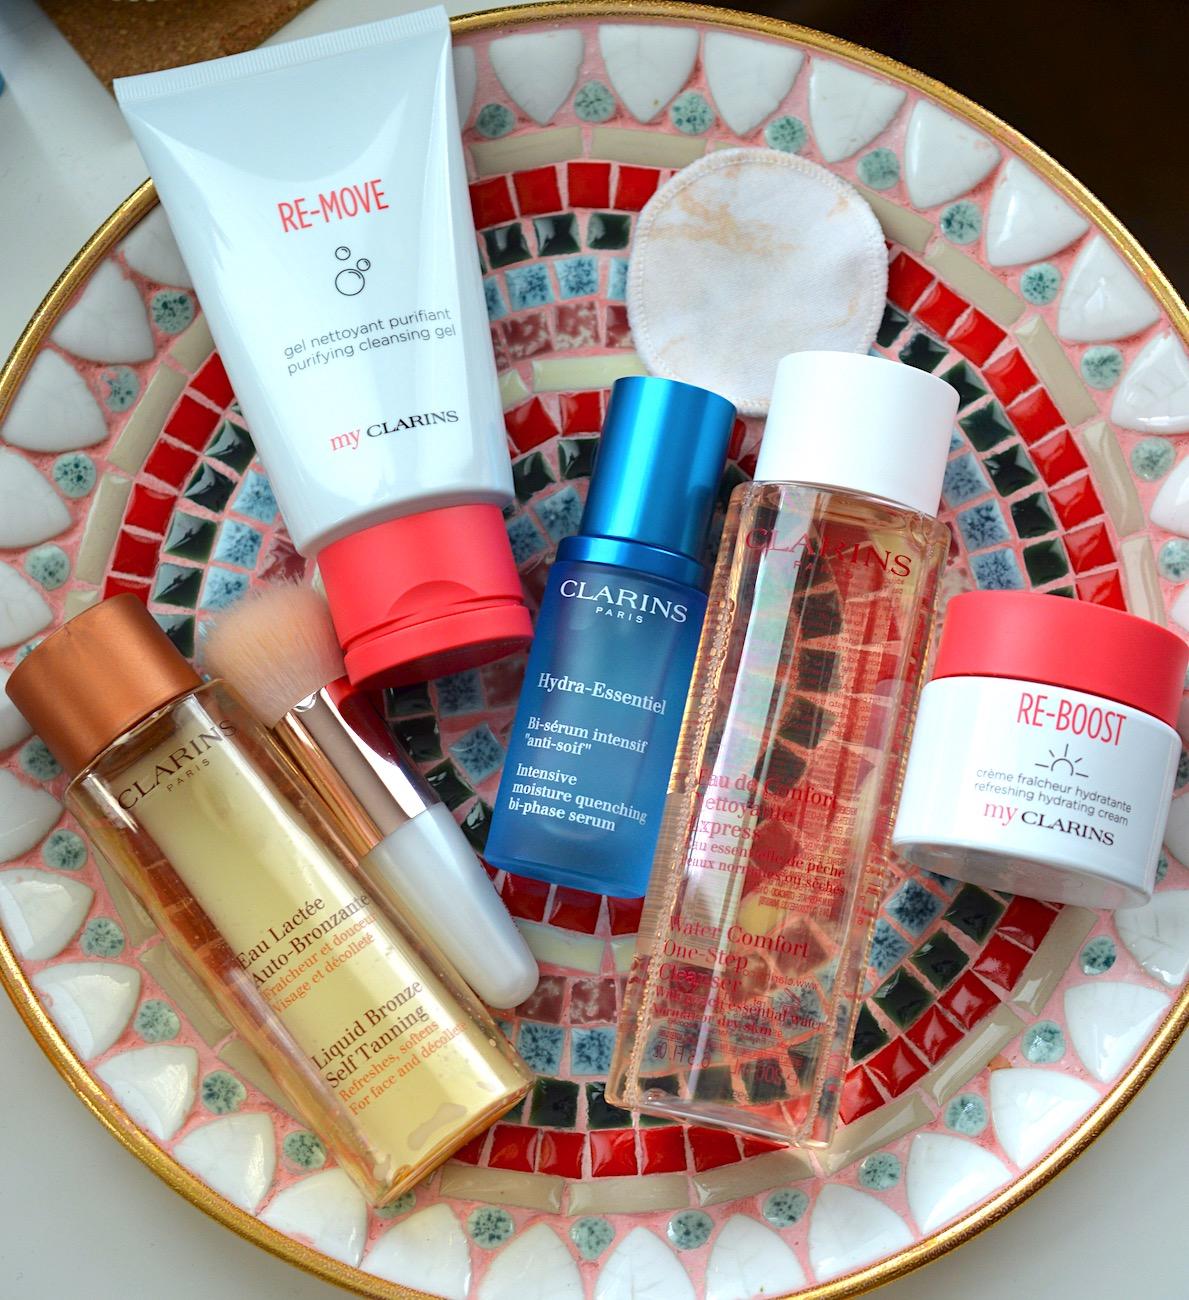 Clarins Skincare Used